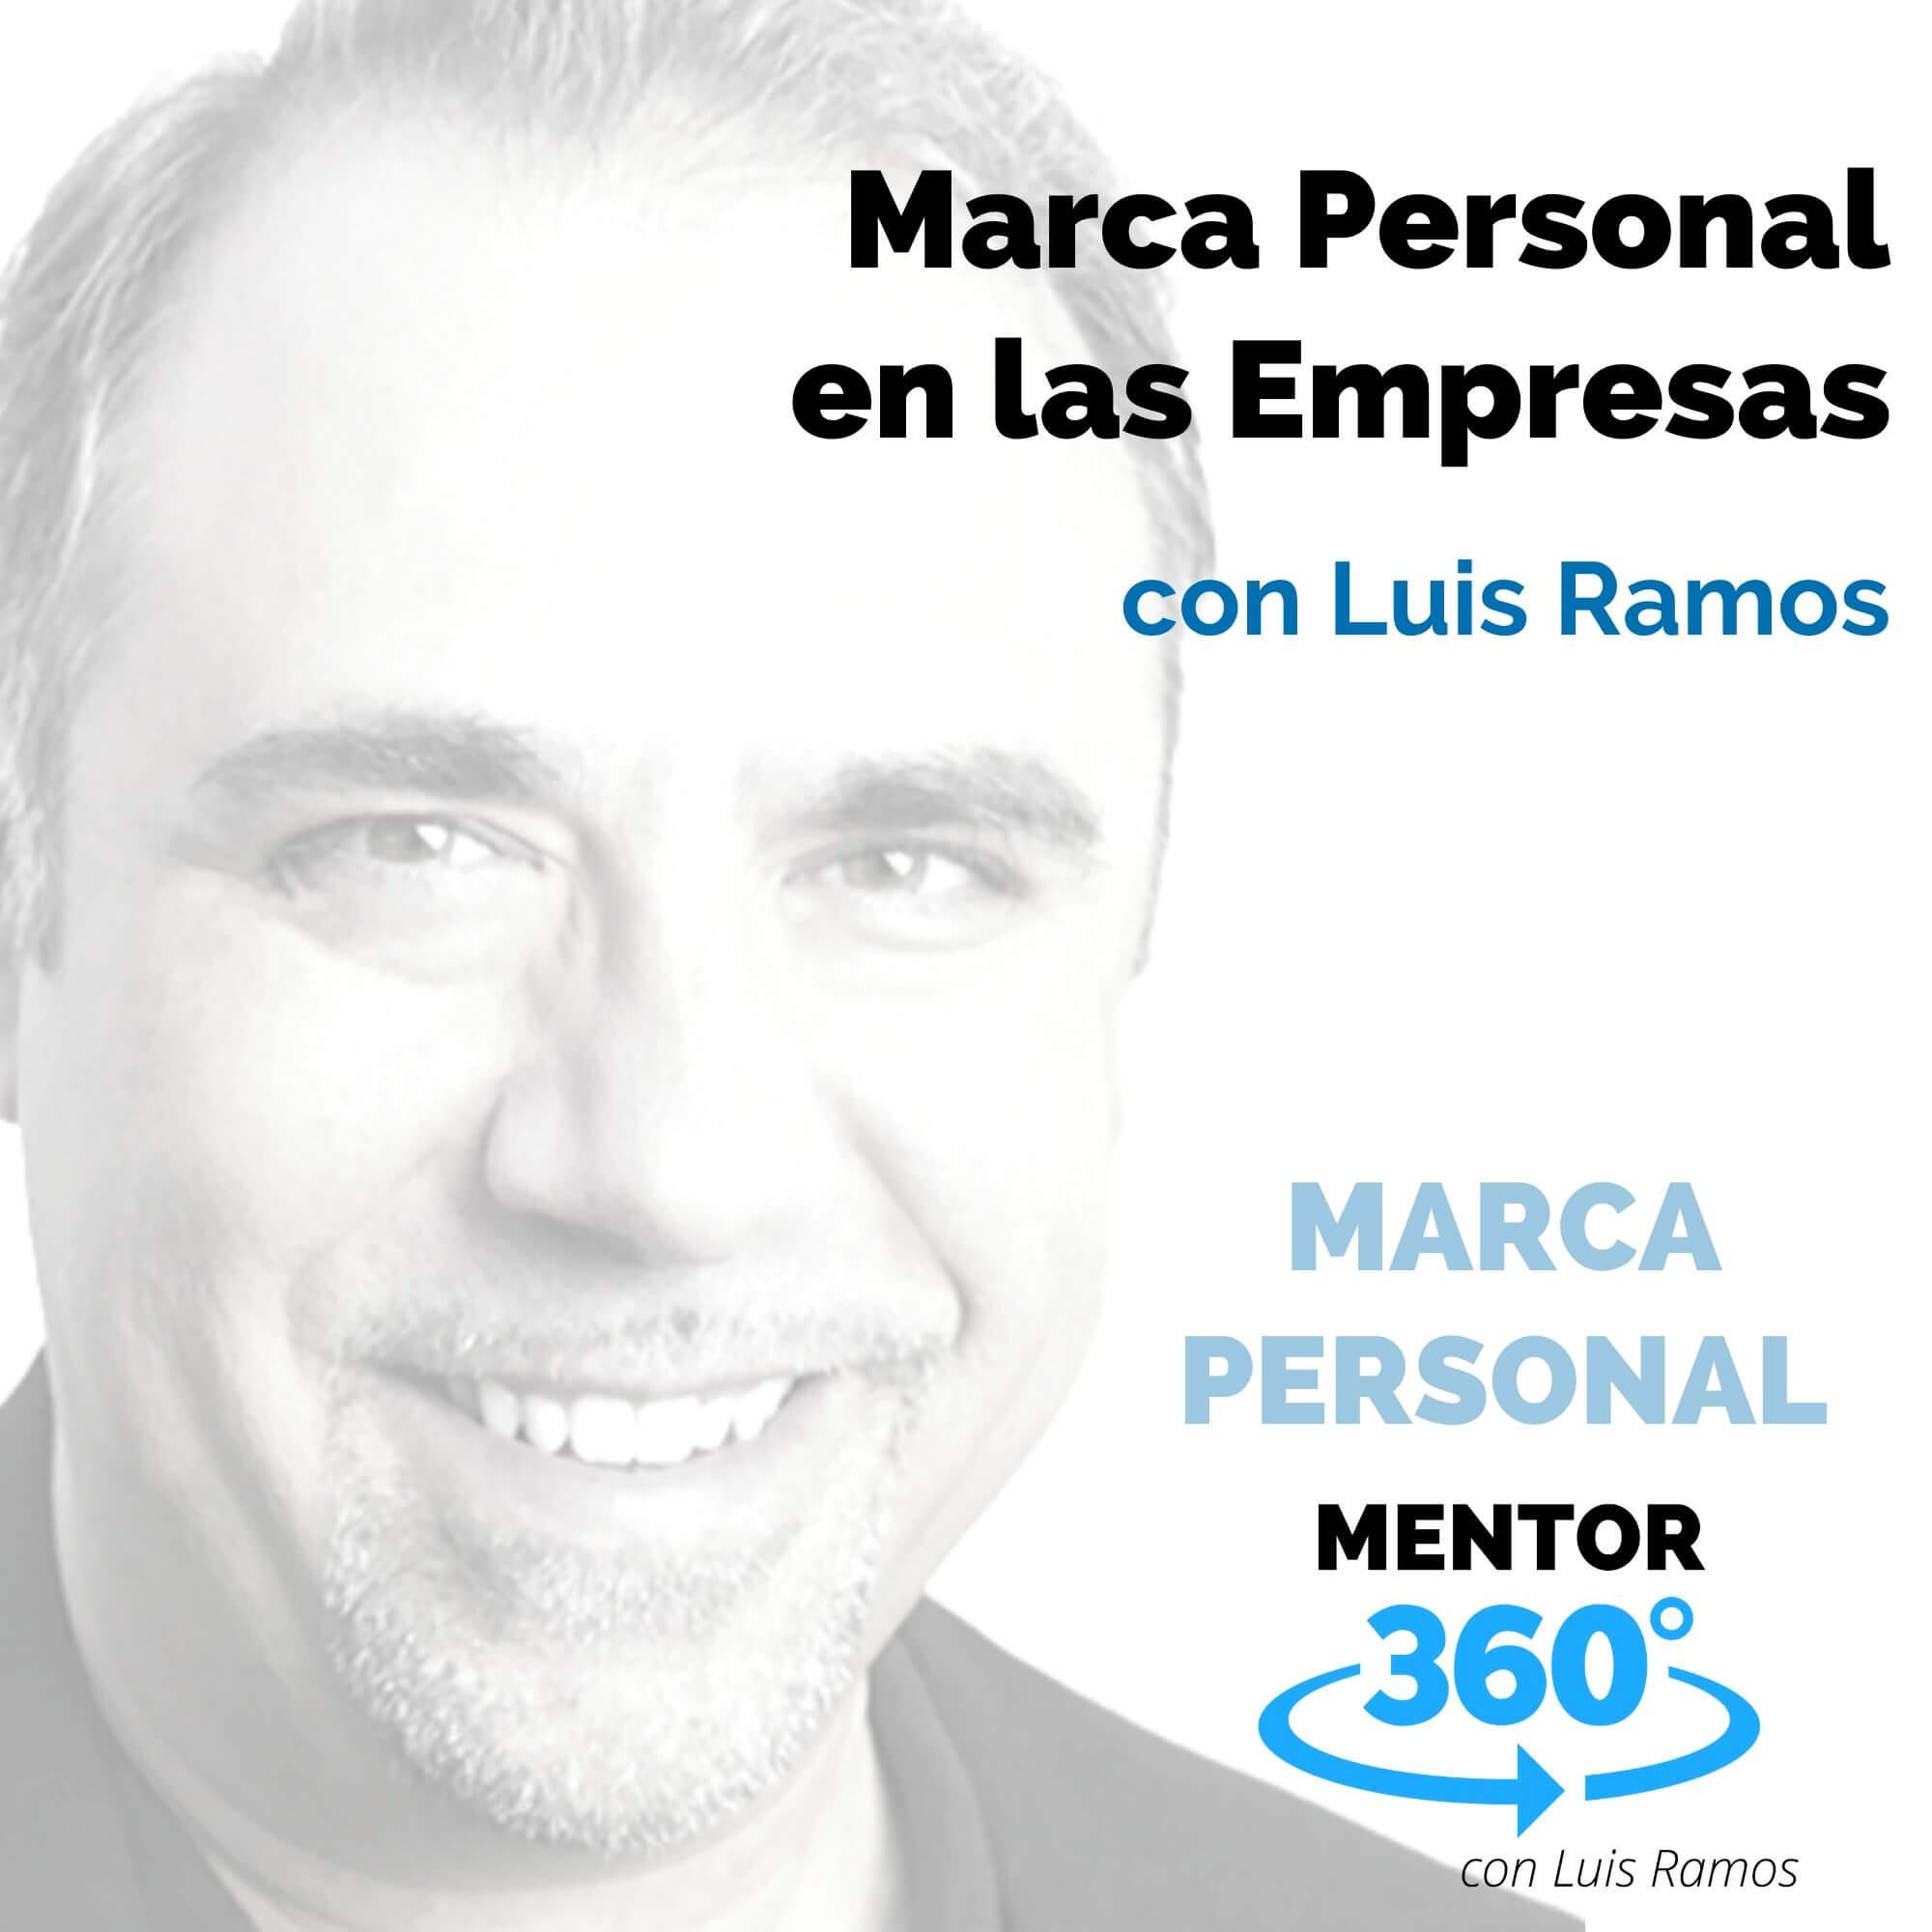 Marca Personal en la Empresa, con Luis Ramos - MARCA PERSONAL